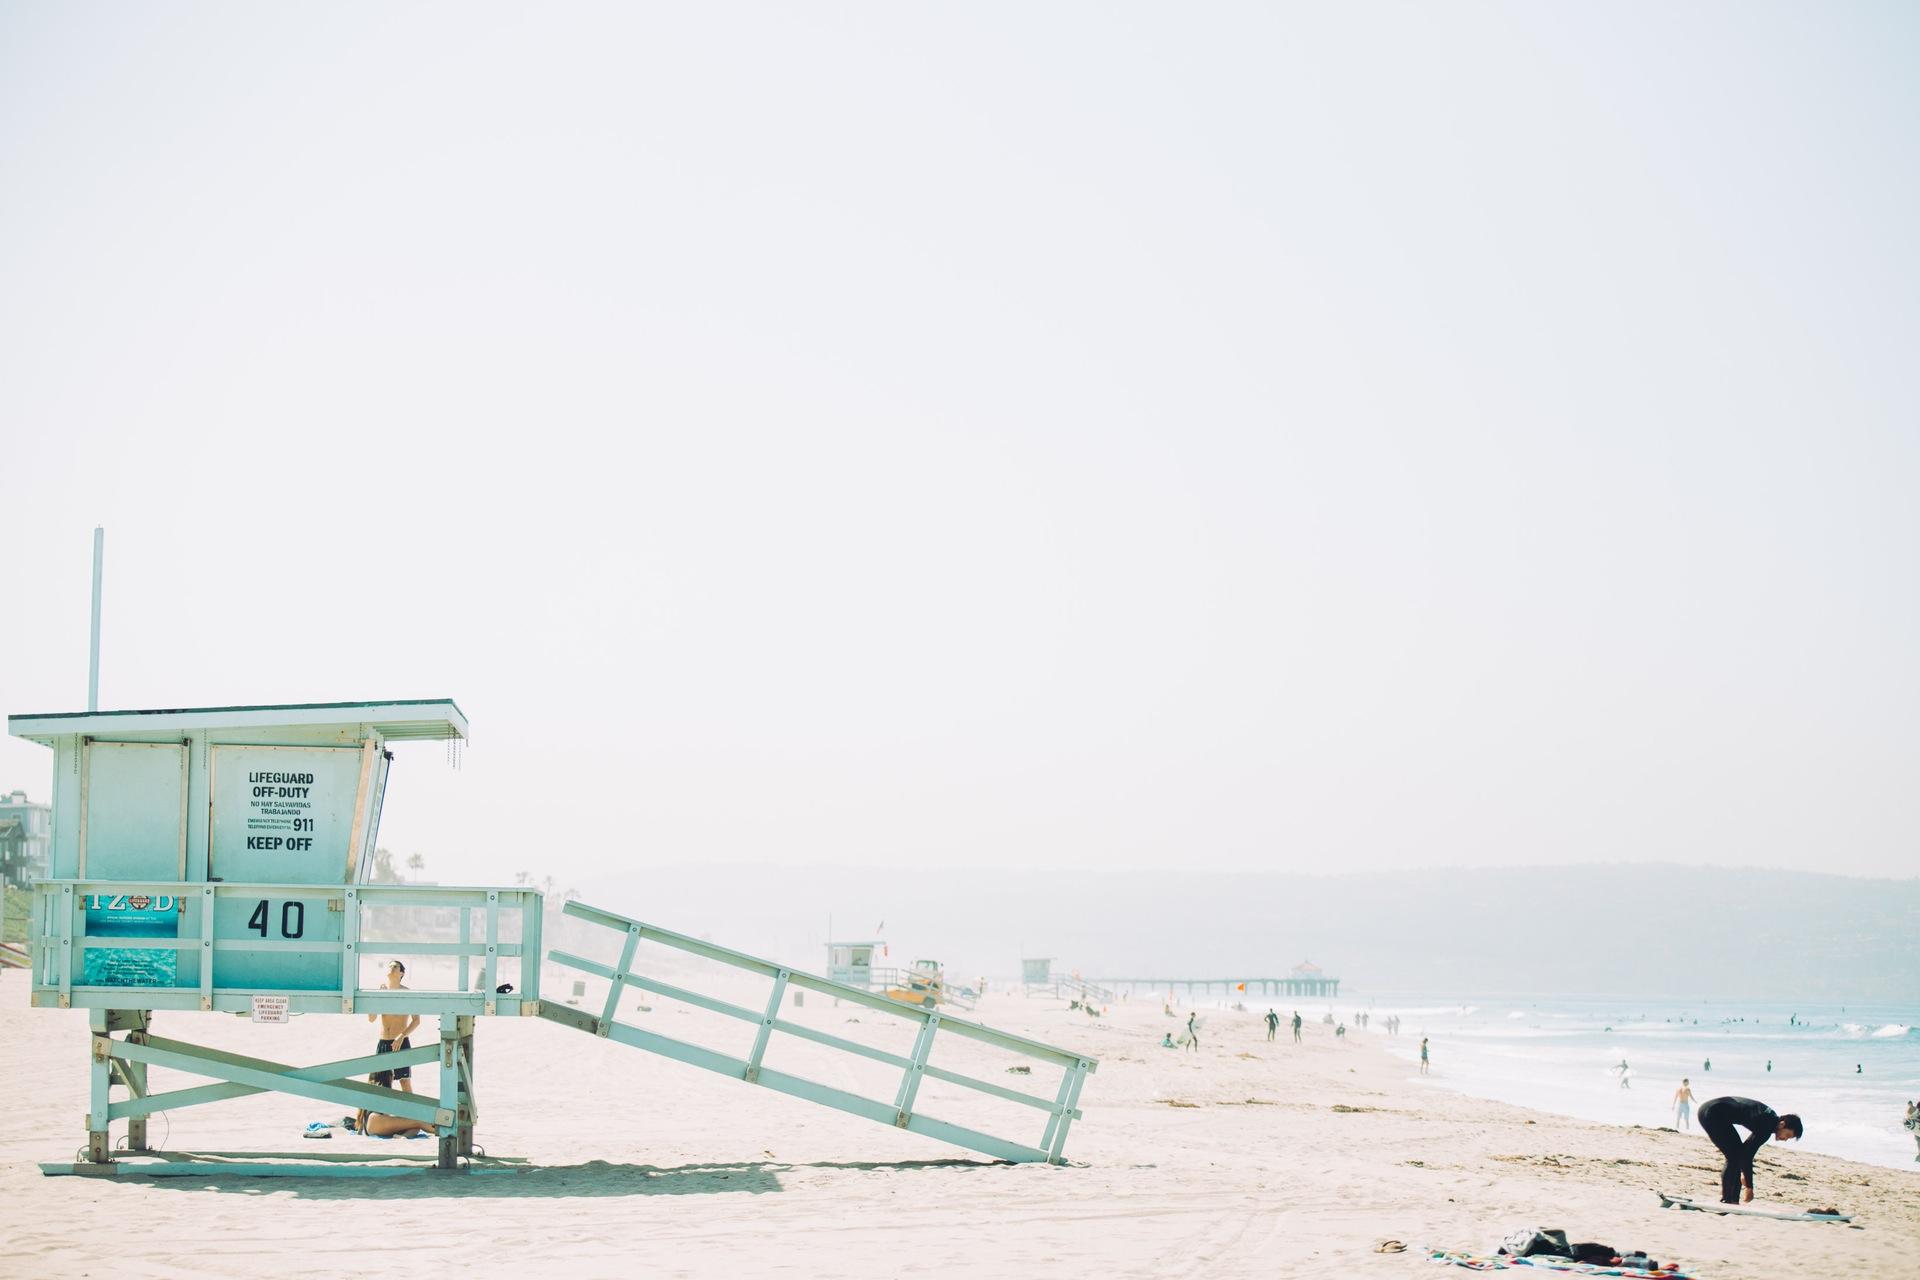 Spiaggia, sabbia, Guardiano, Torre, Bagnino, Mare - Sfondi HD - Professor-falken.com